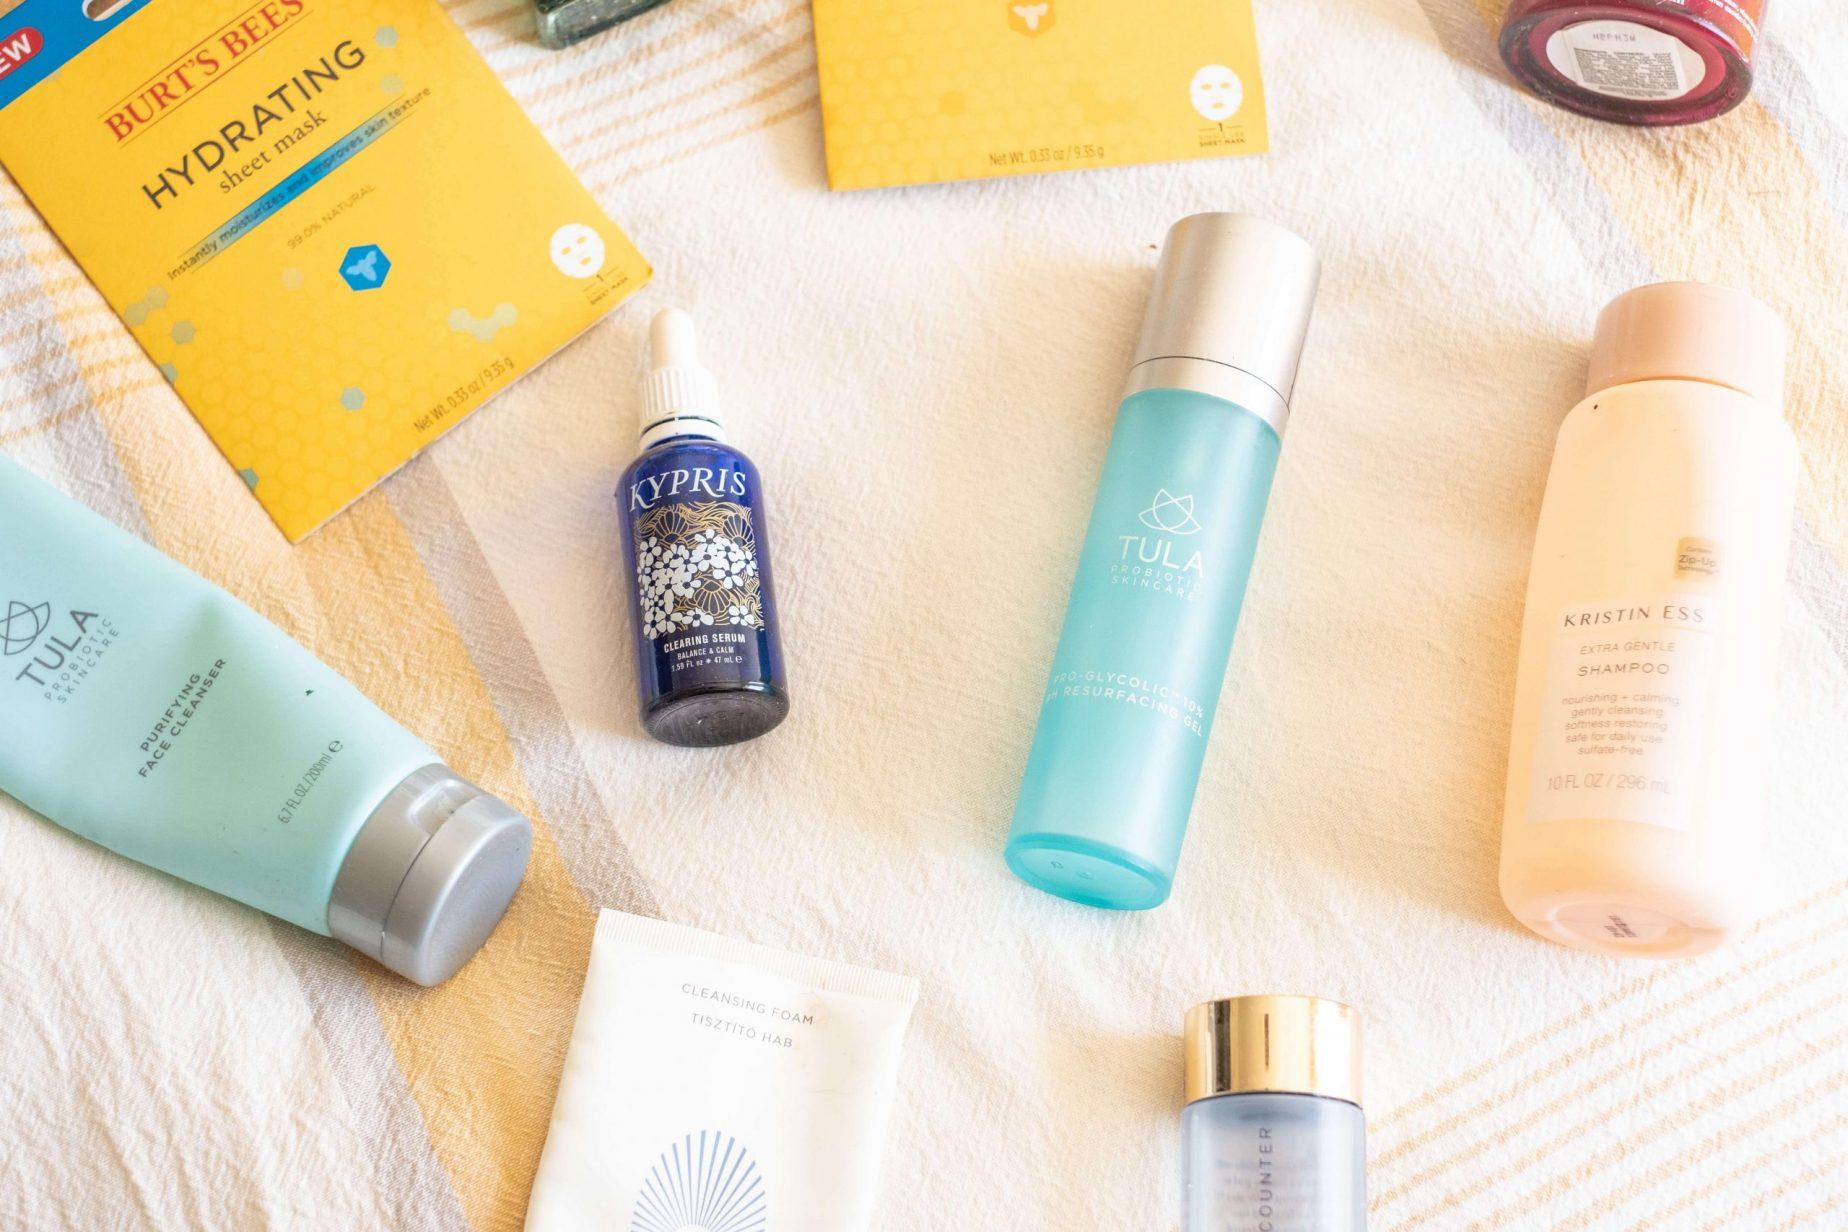 Products I Won't Repurchase #whatsavvysaid #cleanbeauty #burtsbees #sundayriley #tula #beautycounter